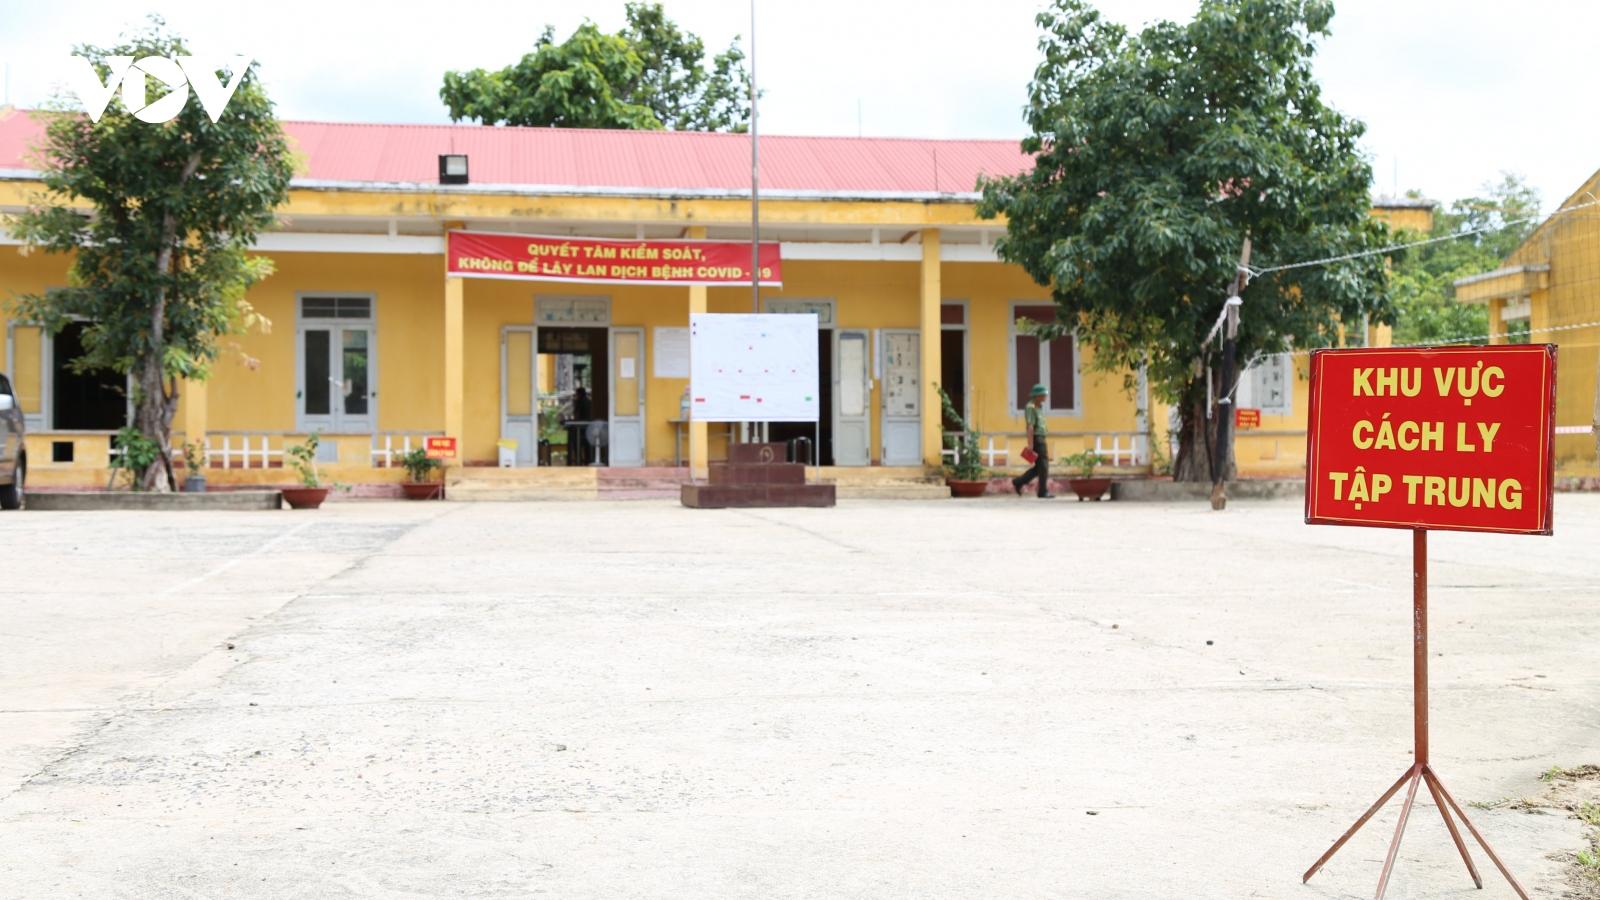 Đắk Lắk thành lập khu cách ly tập trung để phòng, chống dịch Covid-19